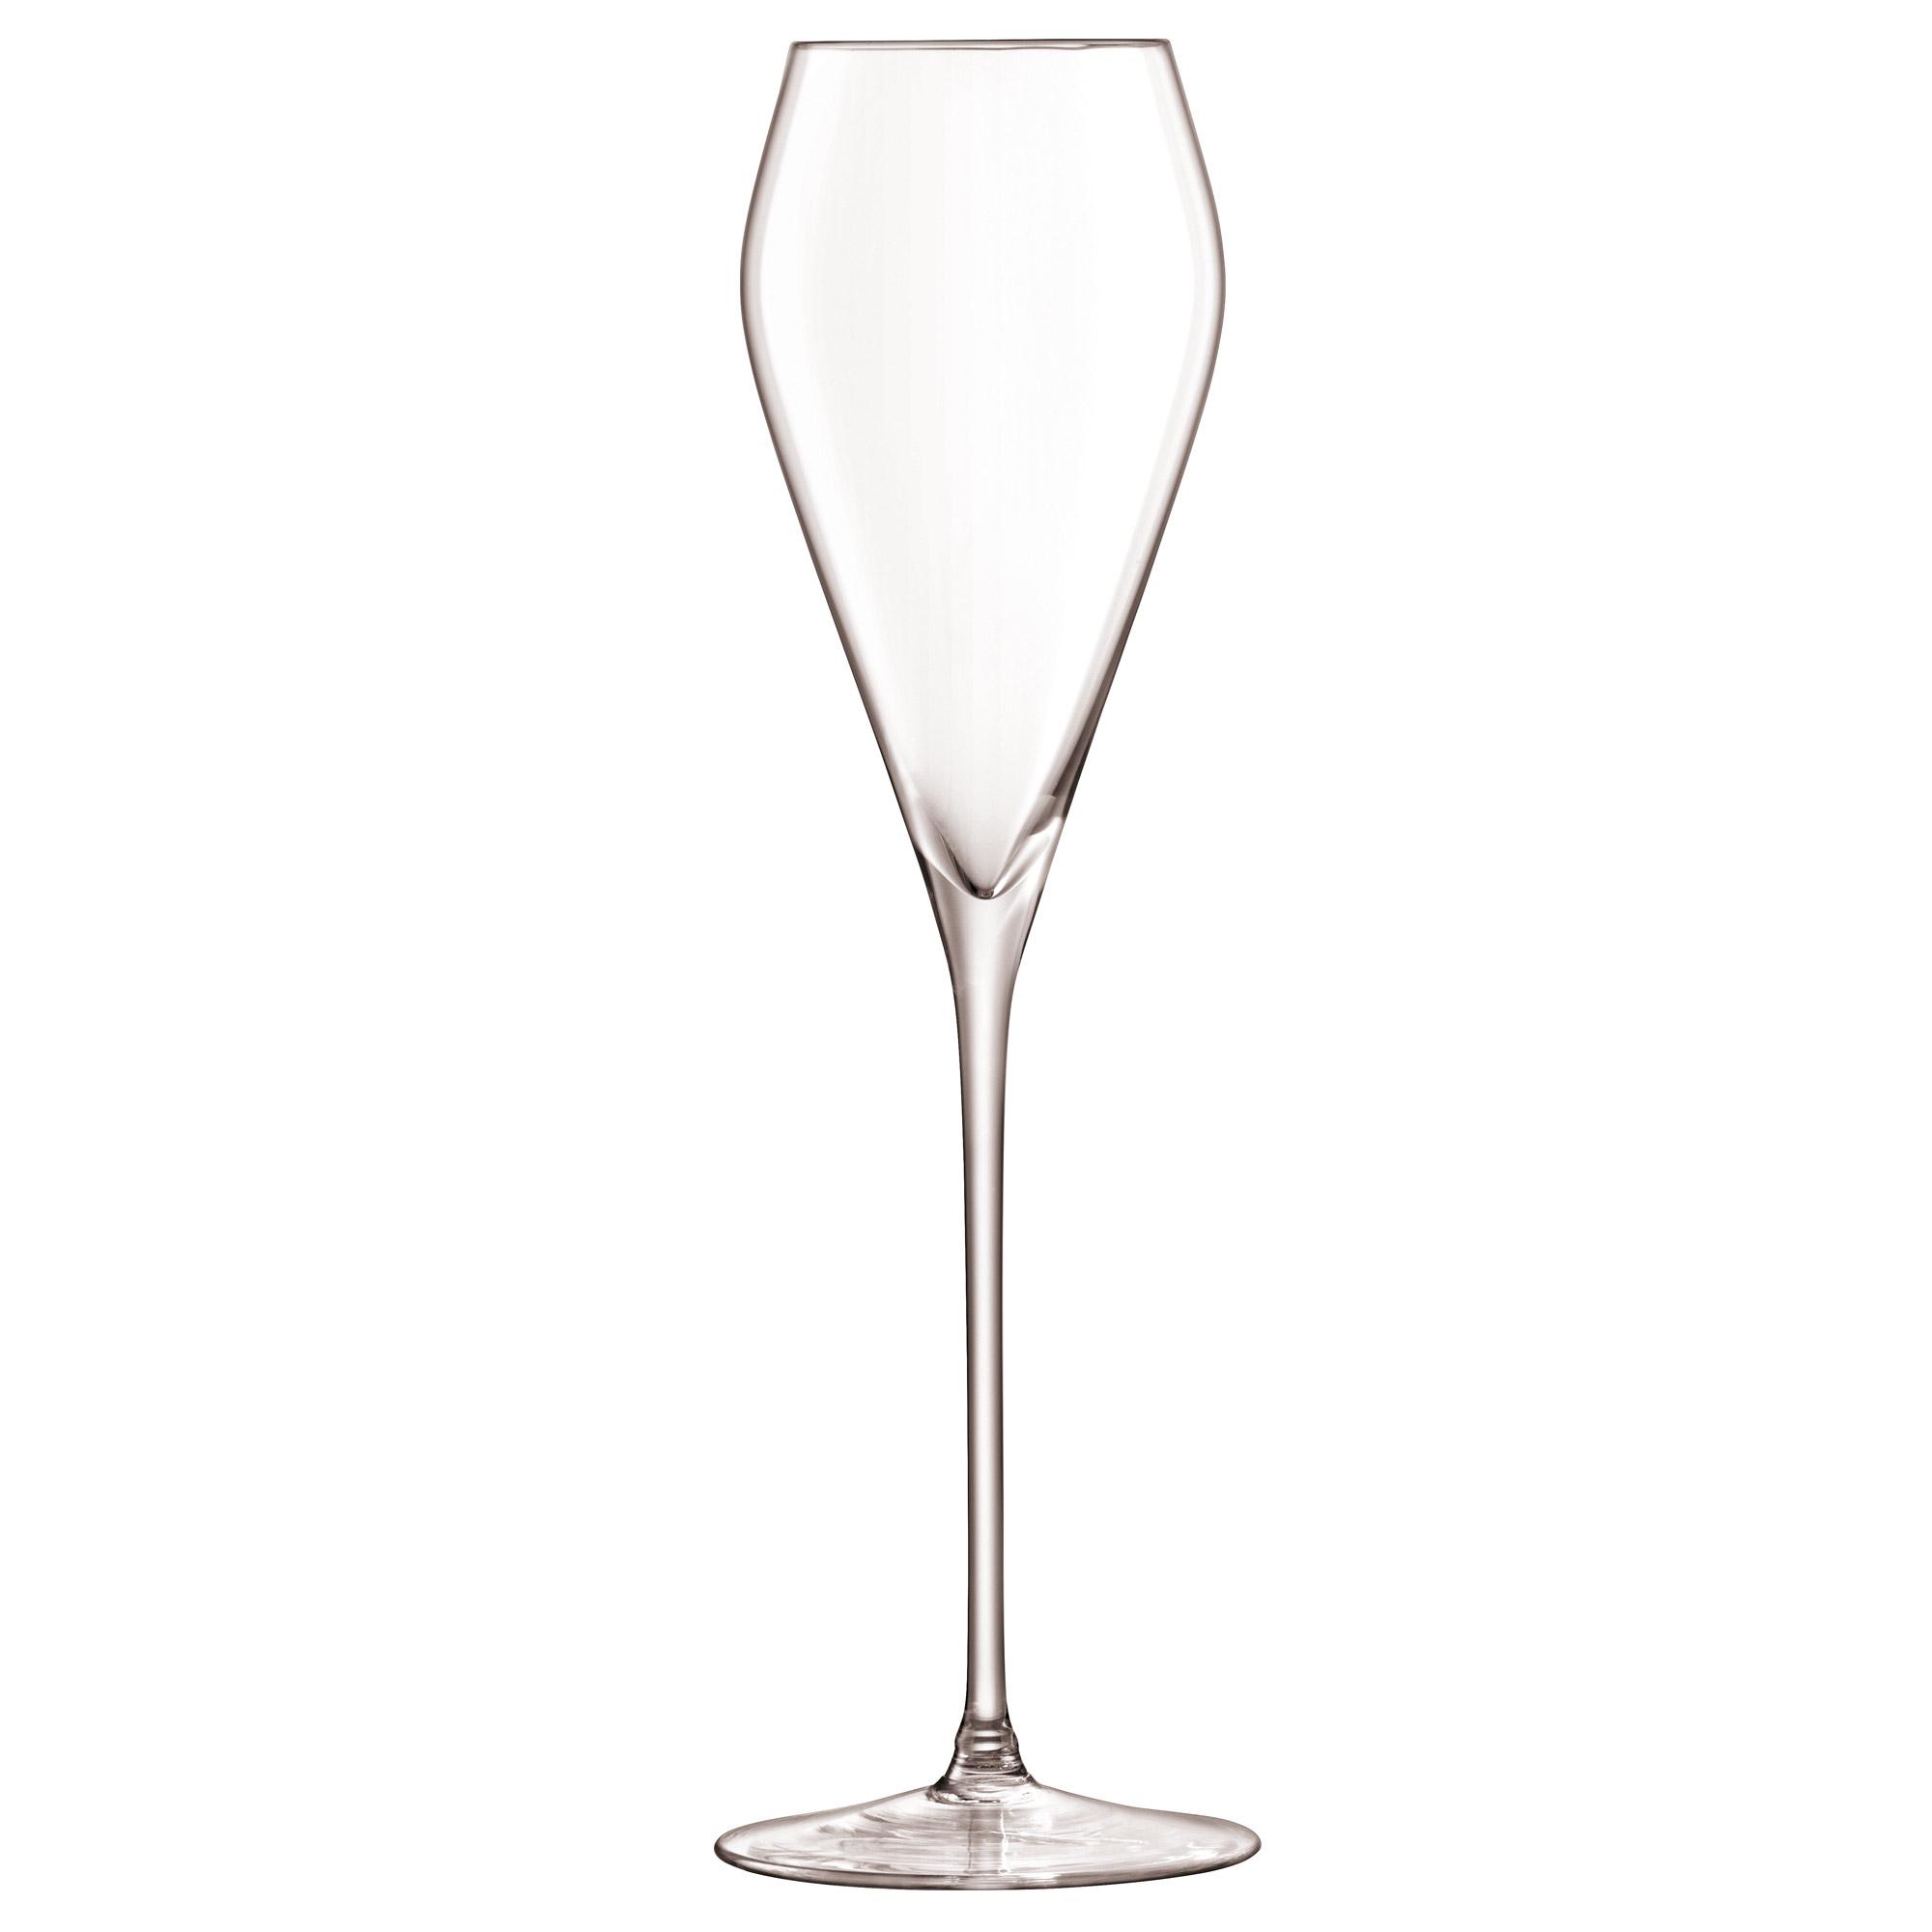 2000x2000 Lsa Wine Collection Prosecco Glasses